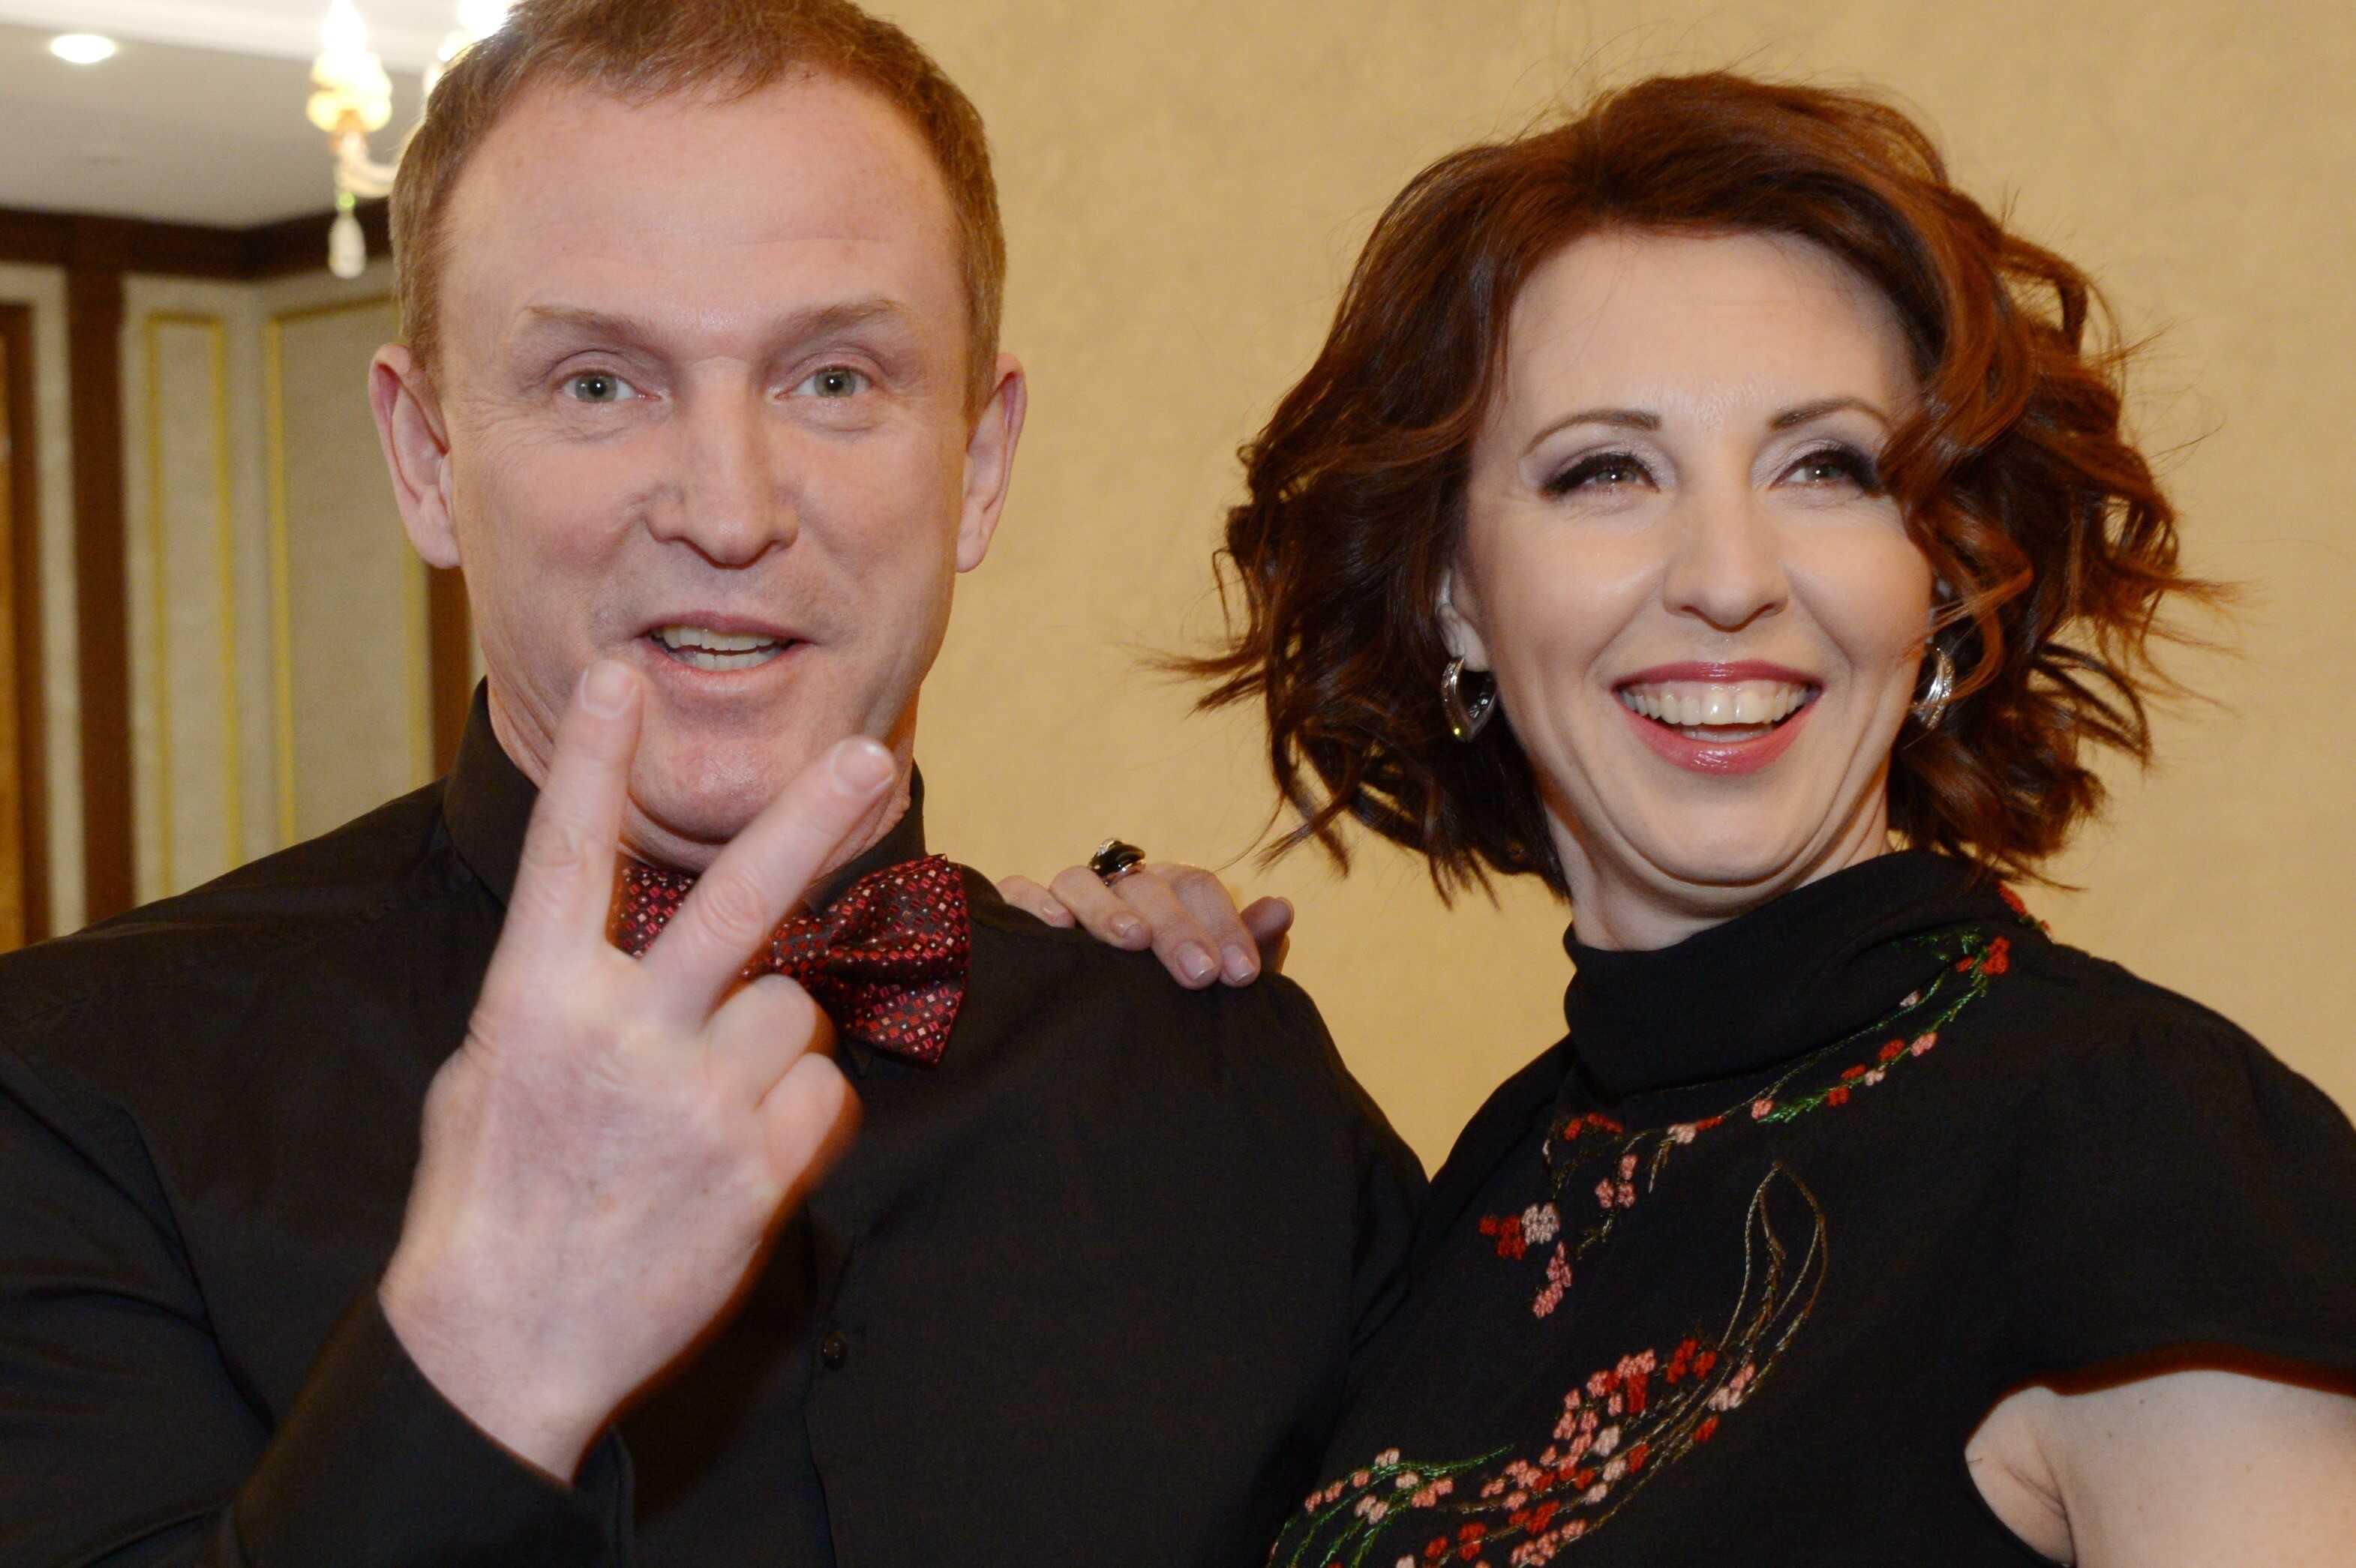 «Семейный секас»: Виктор Рыбин поставил полуголую Наталью Сенчукову в пикантную позу